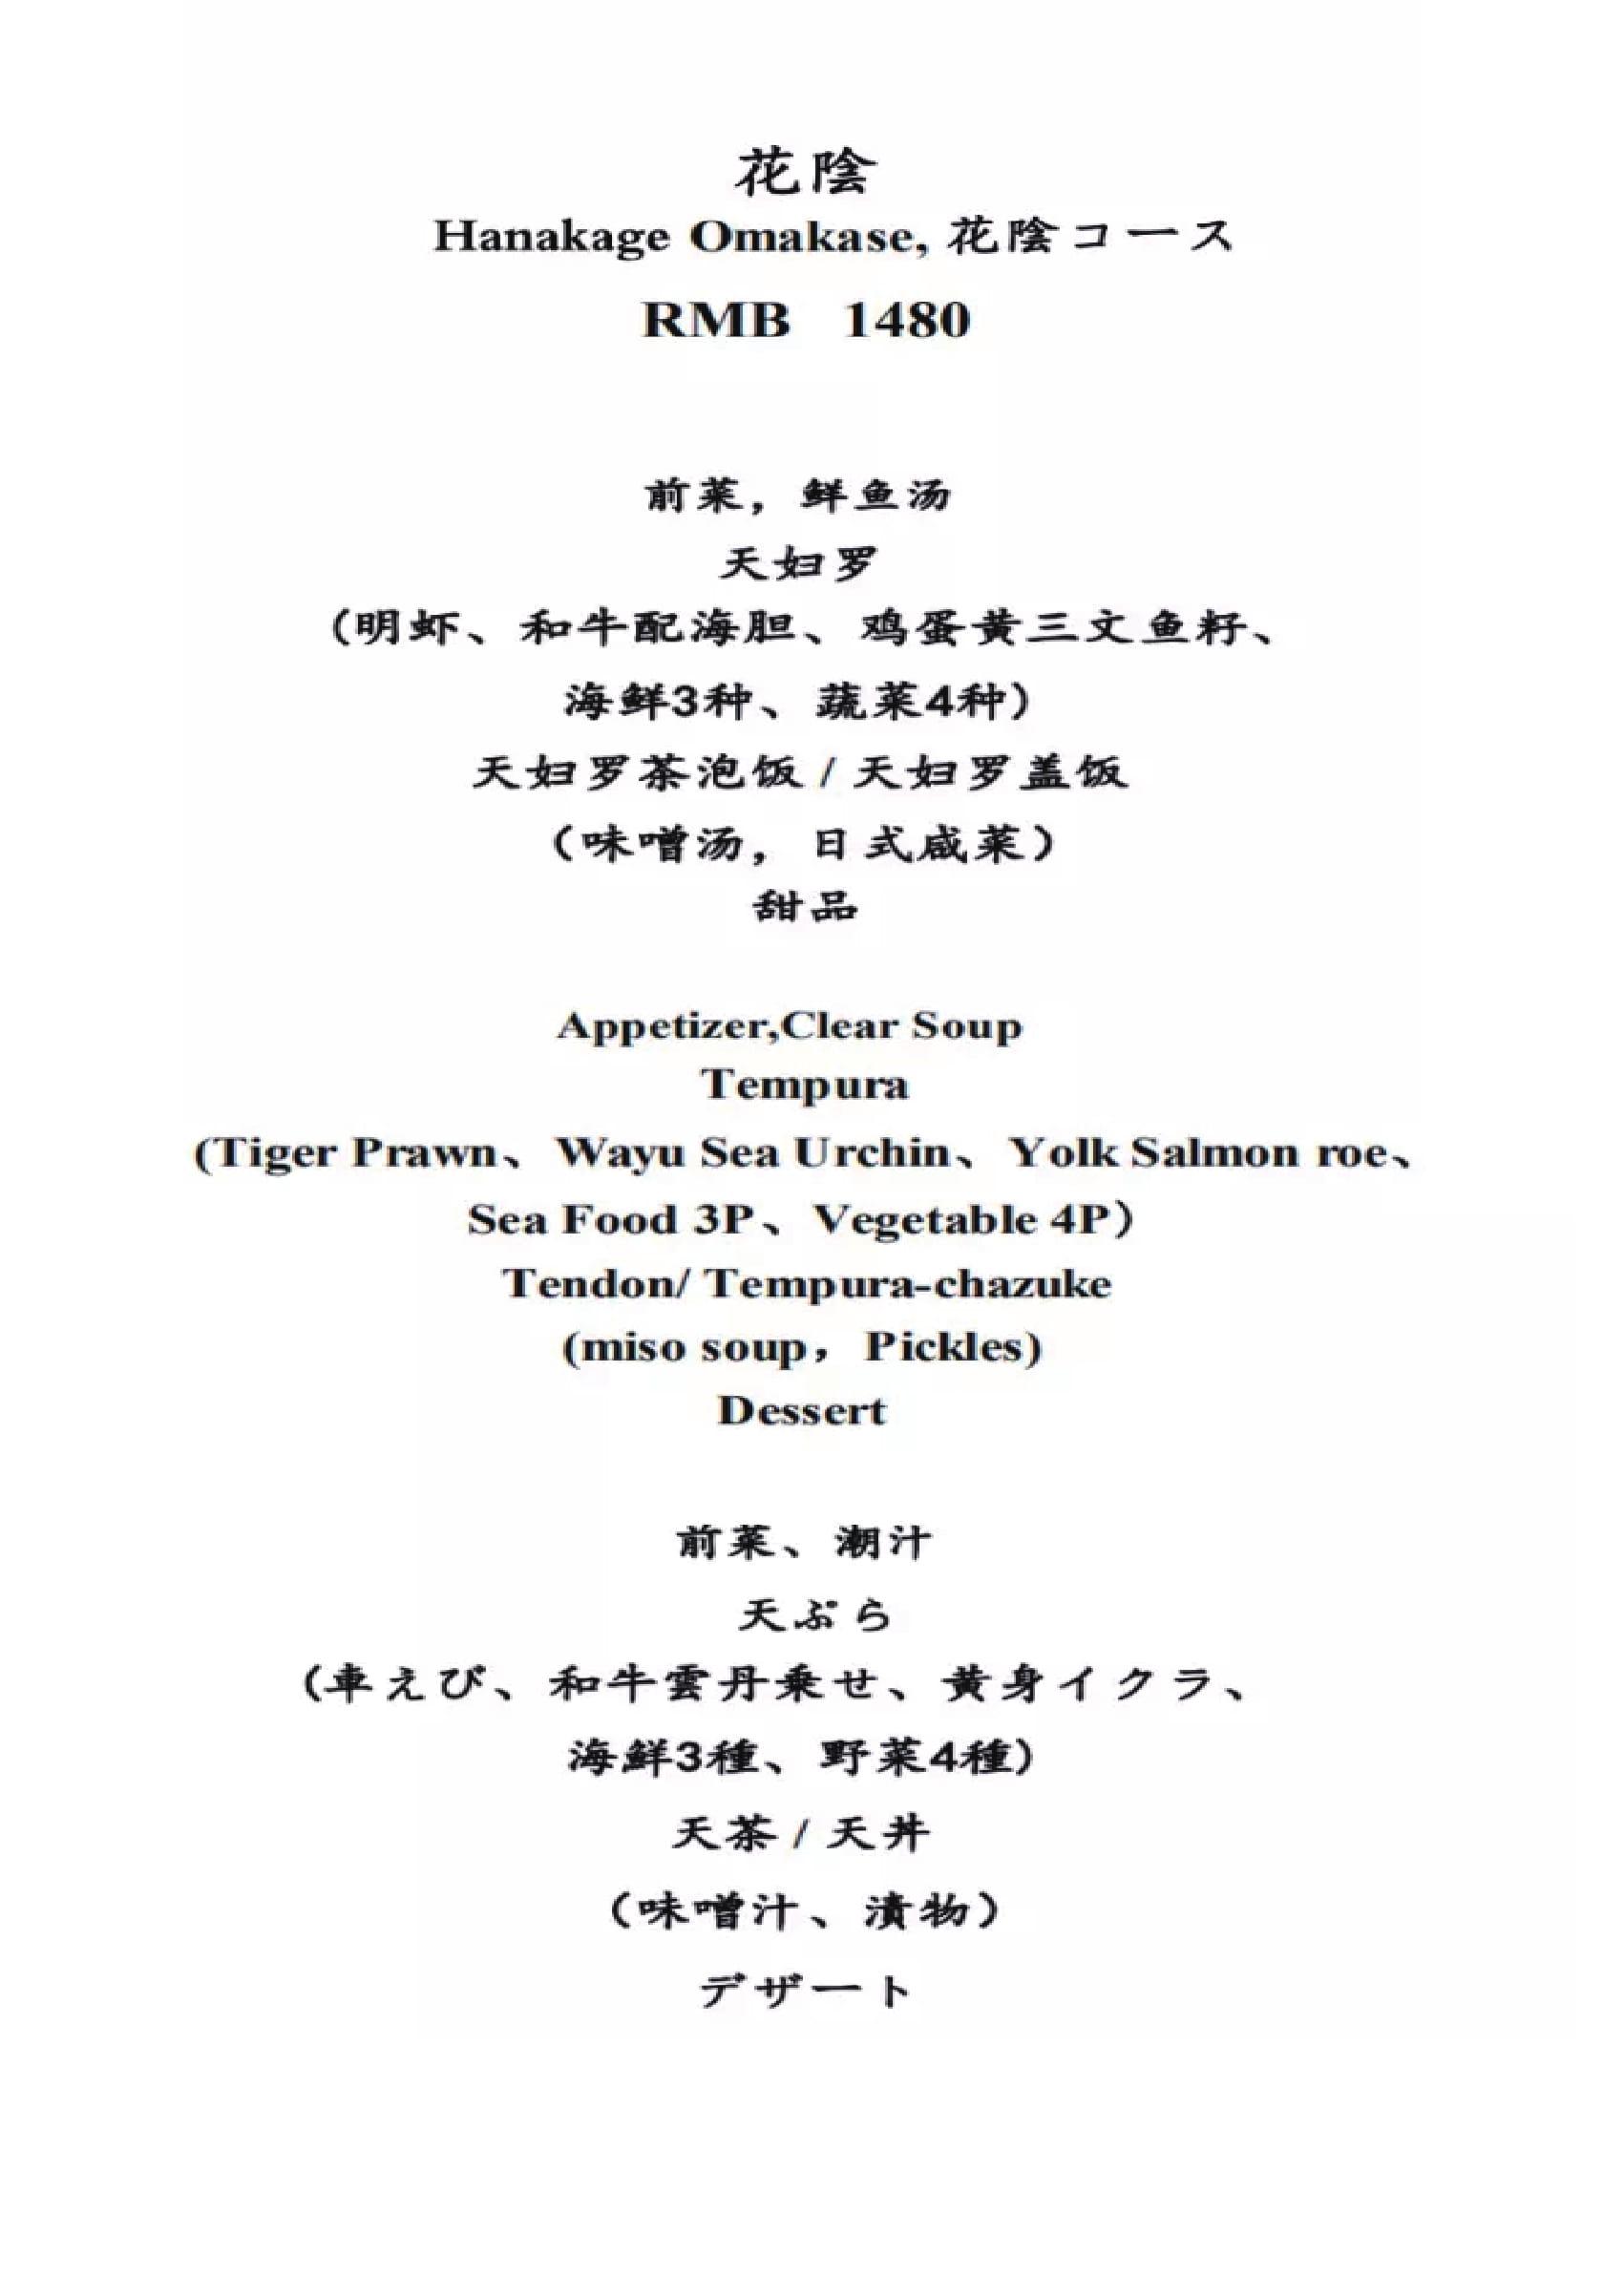 天ぷら [上海店] ディナーメニュー4